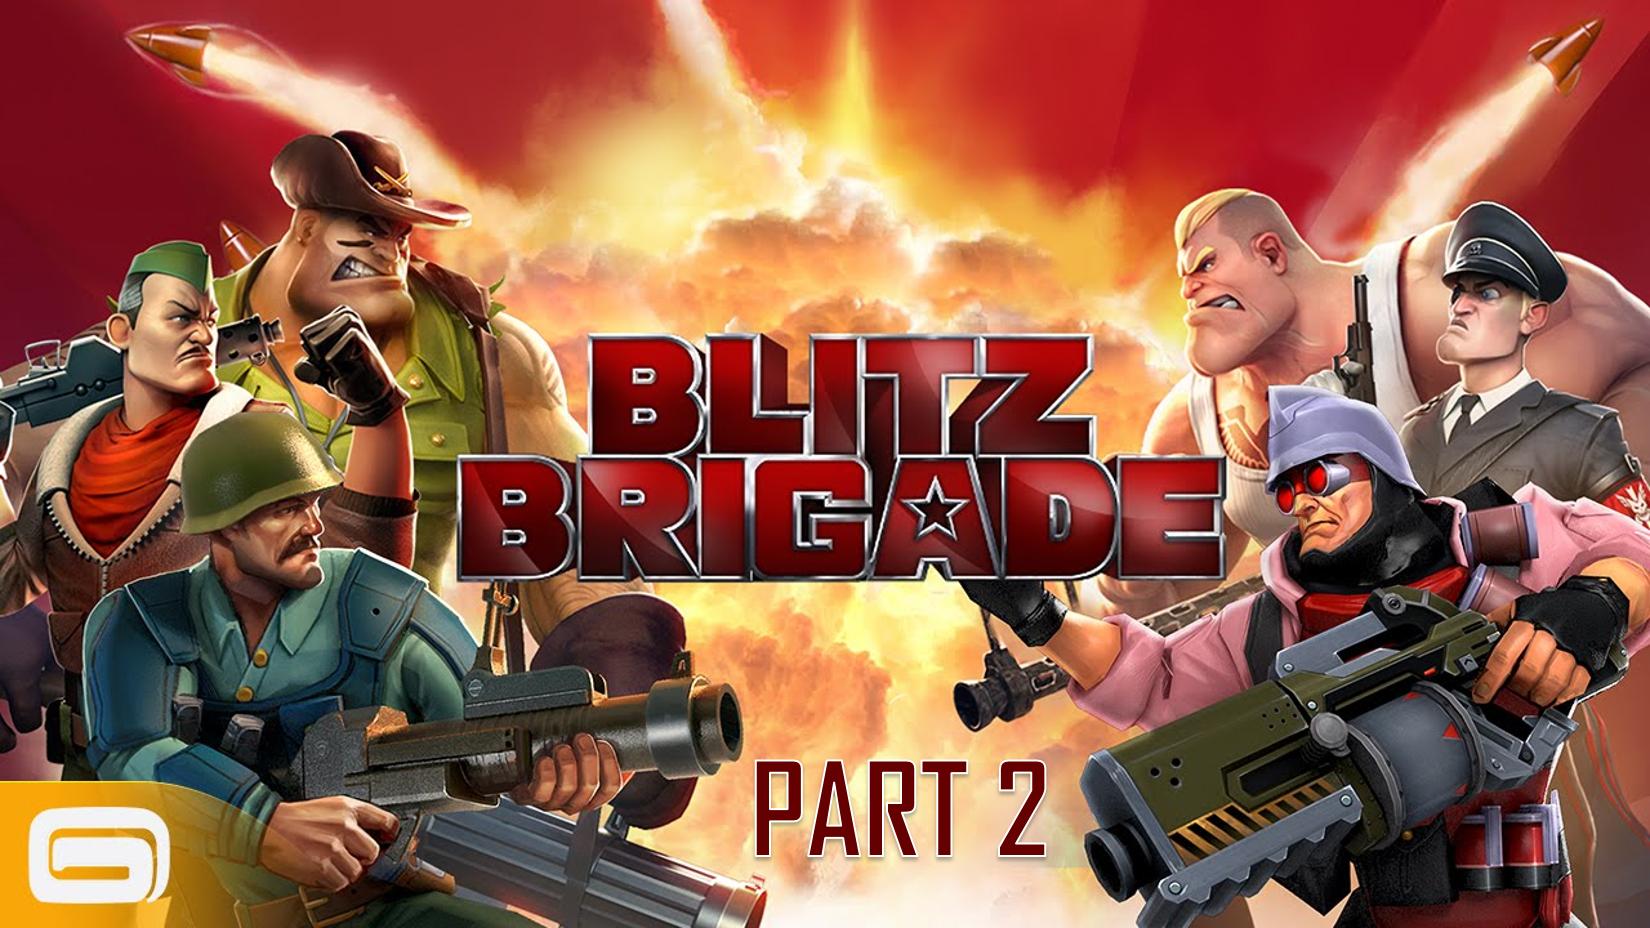 گیم پلی بازی Blitz Brigade برای کامپیوتر پارت 2